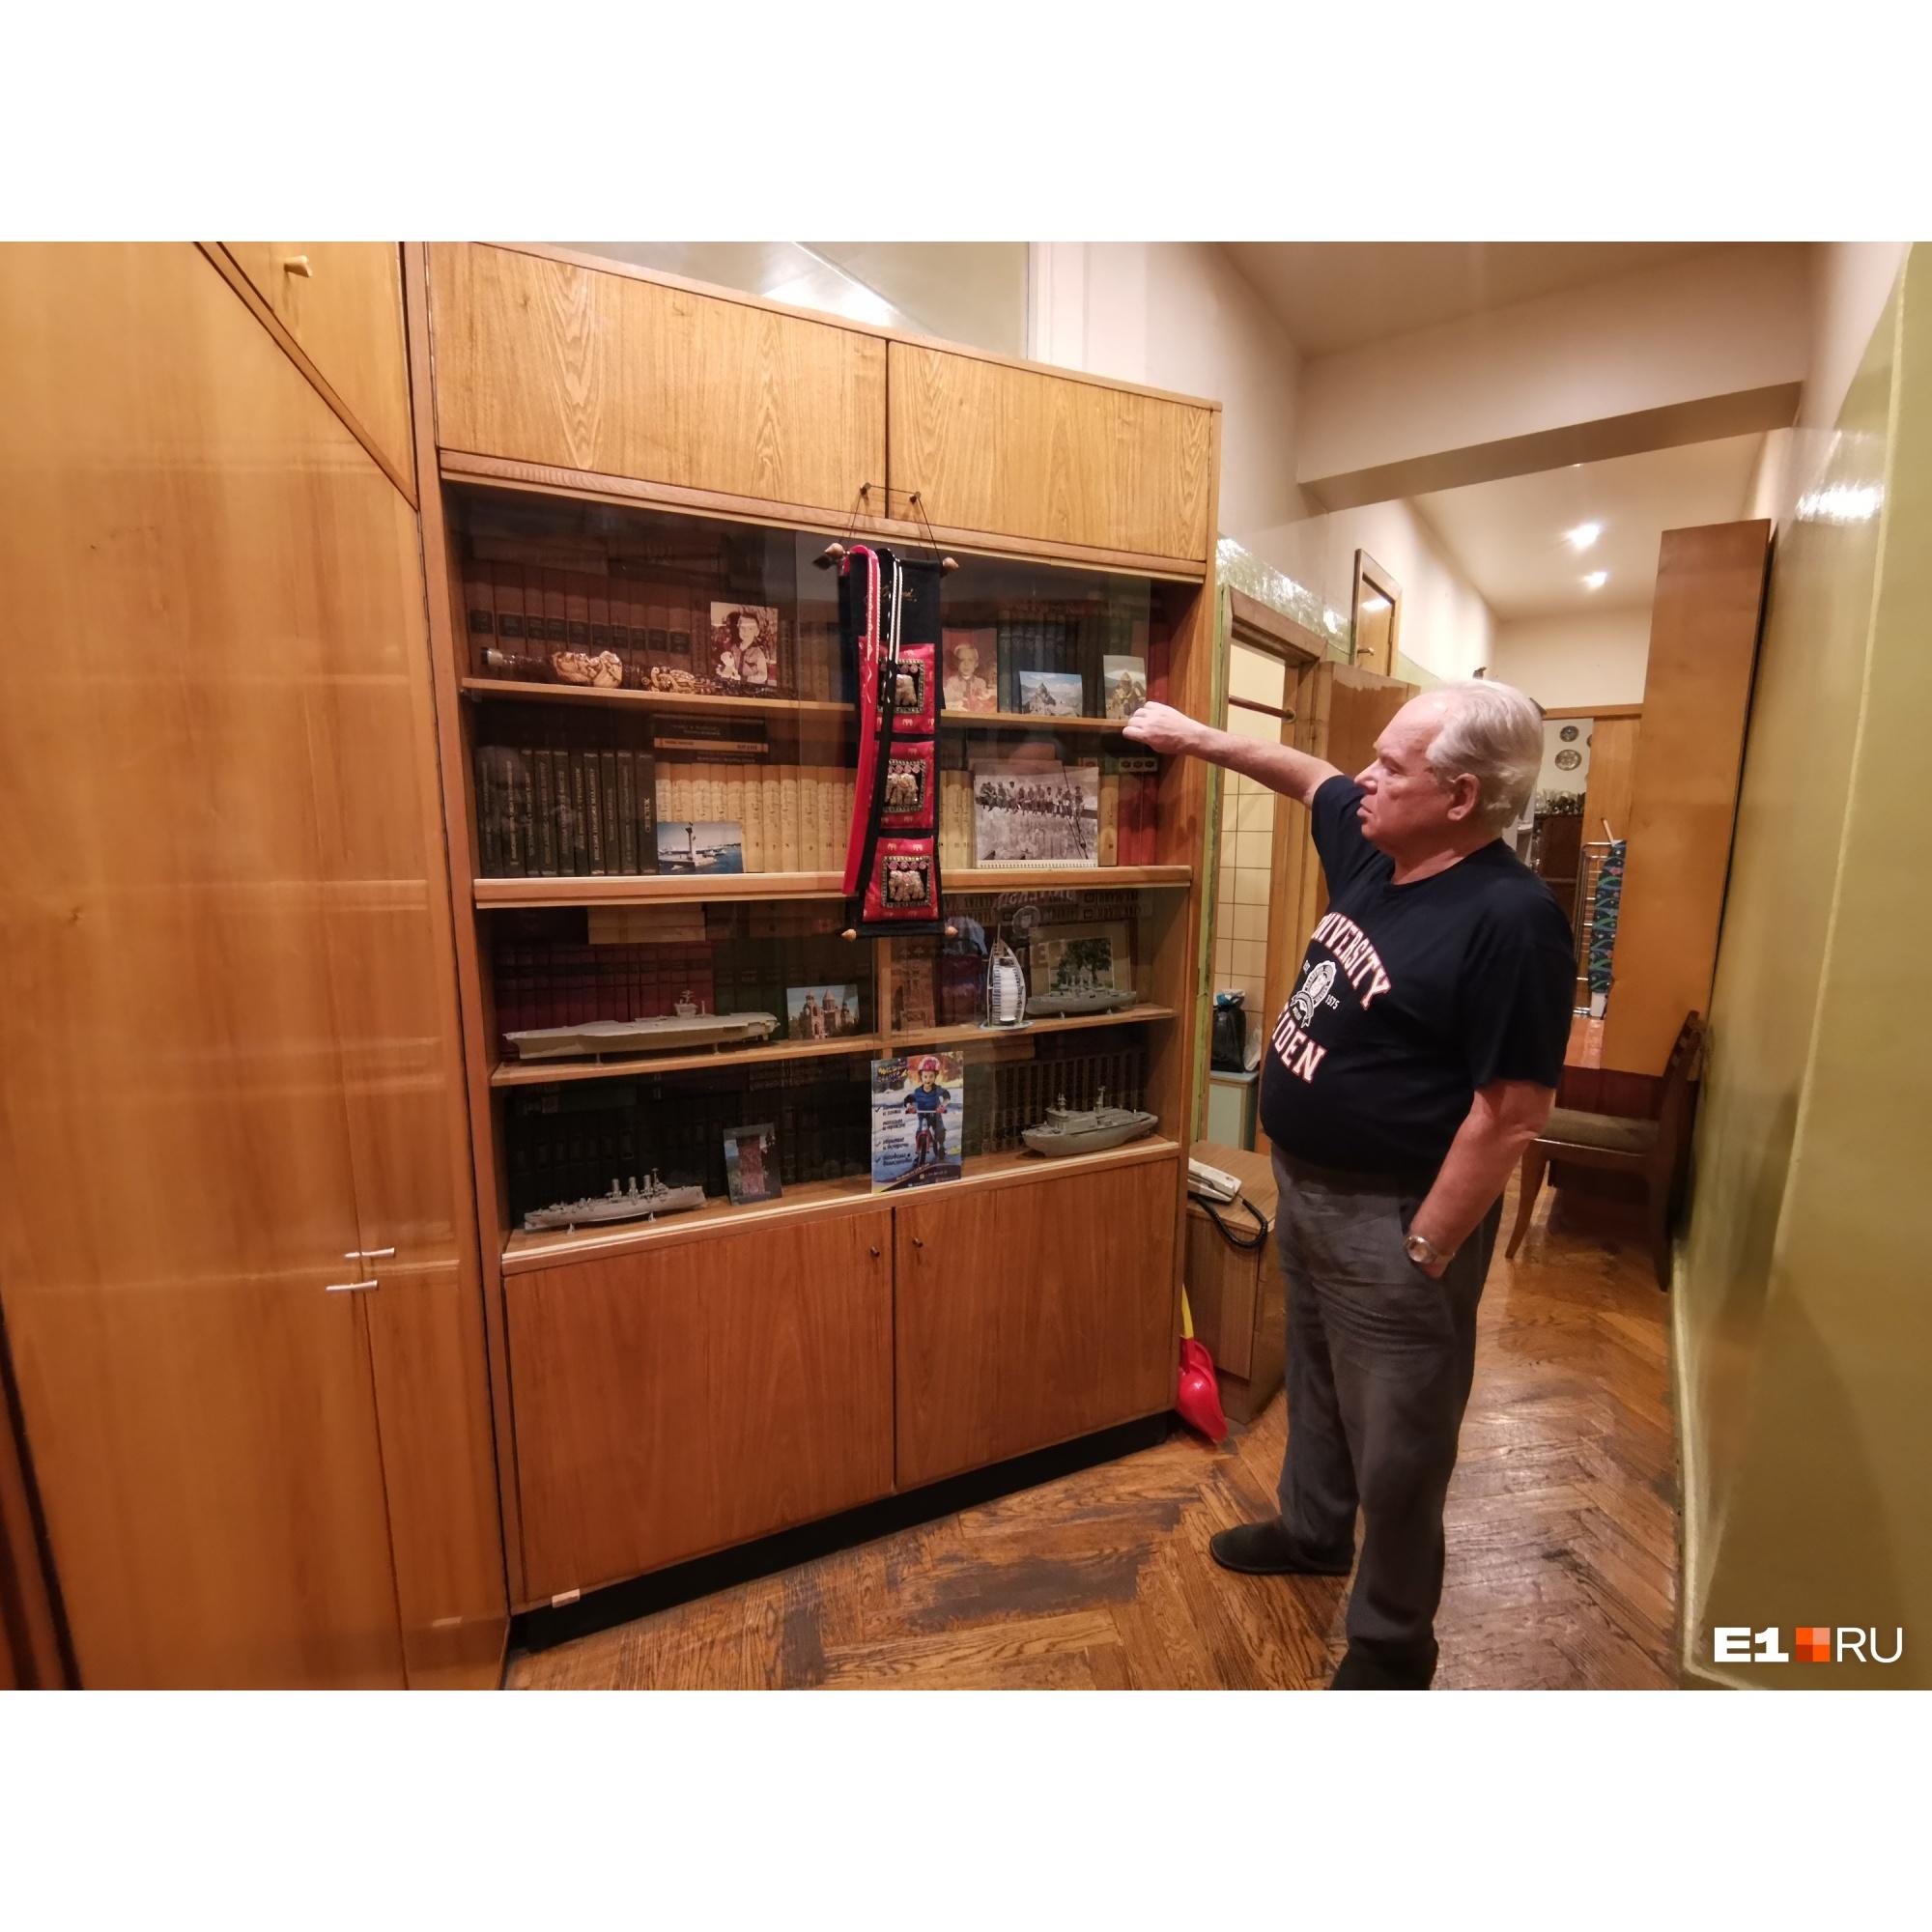 Михаил Садовский показывает книжный шкаф в коридоре, оставшийся со времен, когда в квартире жили Ельцины